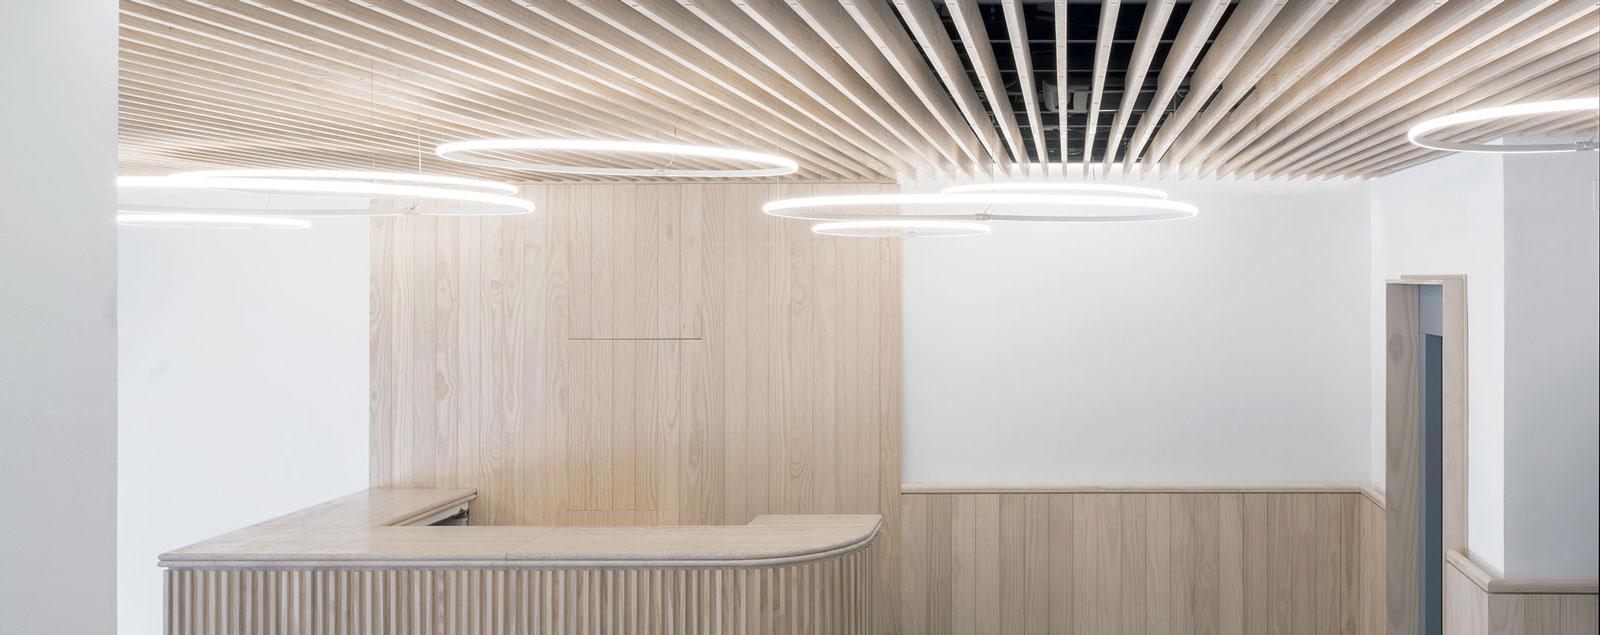 Lampade Sopra Tavolo Da Pranzo progetto luci abitazione progetto illuminazione uffici bar